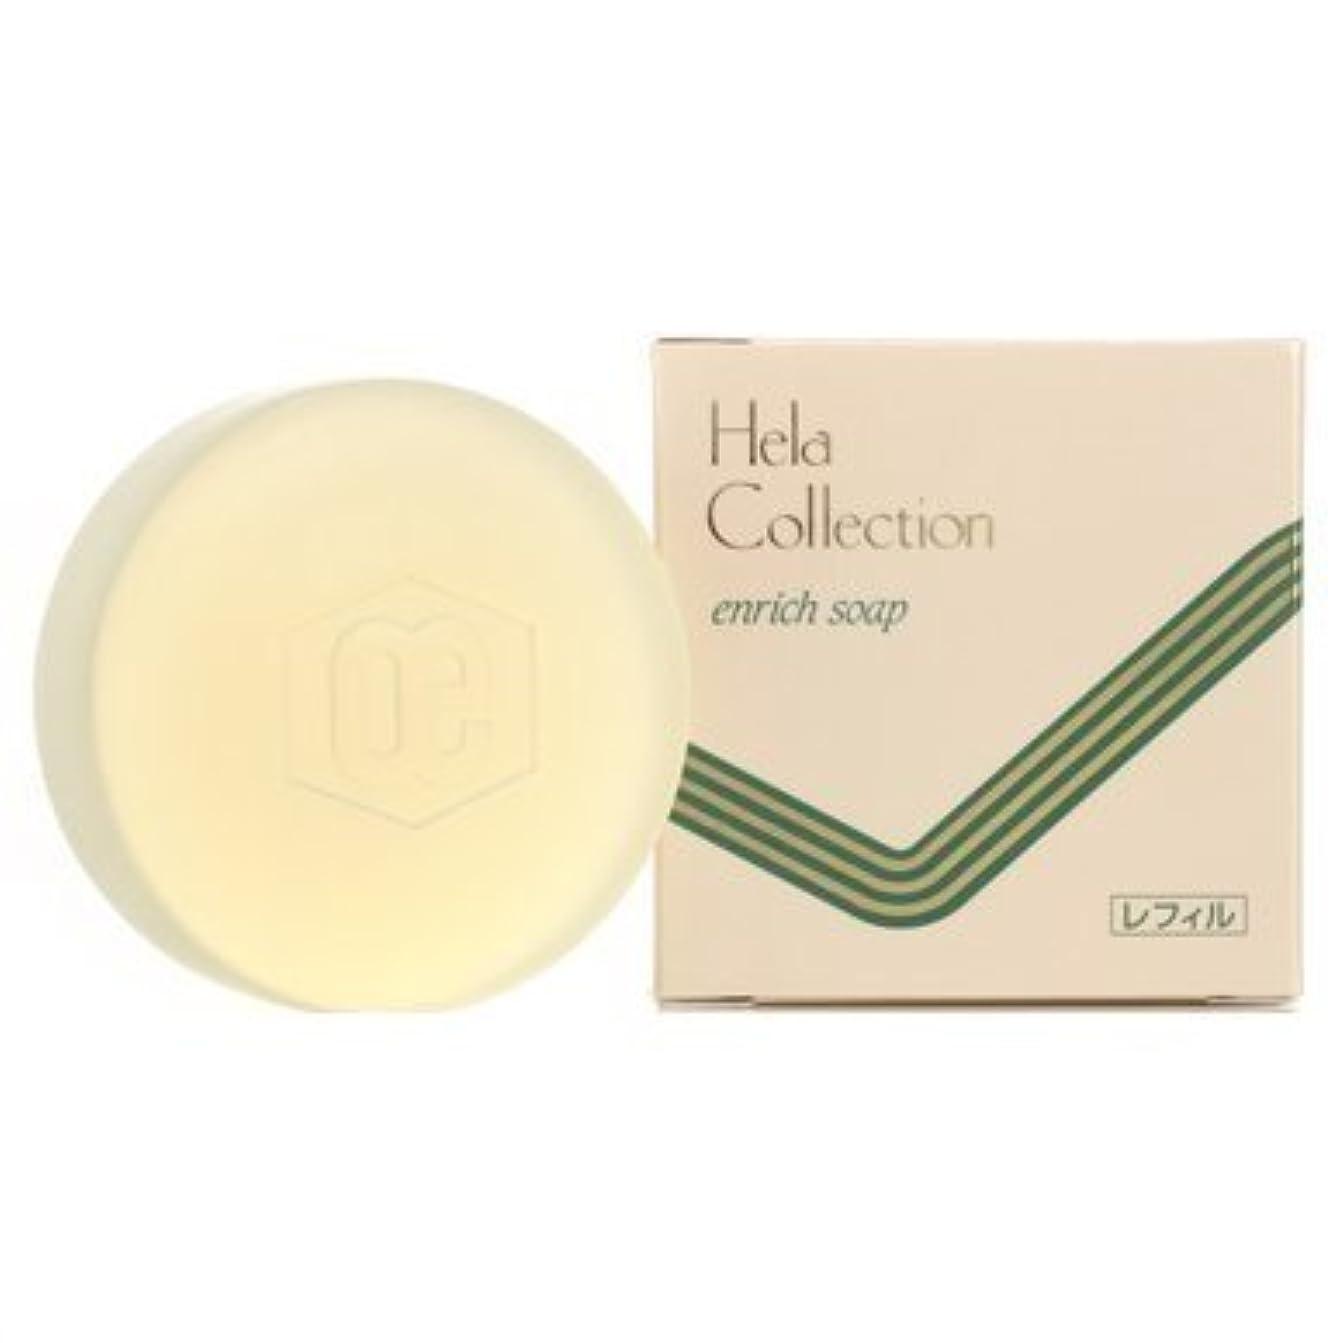 チーター降ろす霜大高酵素 エンリッチシリーズ エンリッチソープ(化粧洗顔石けん) レフィル100g